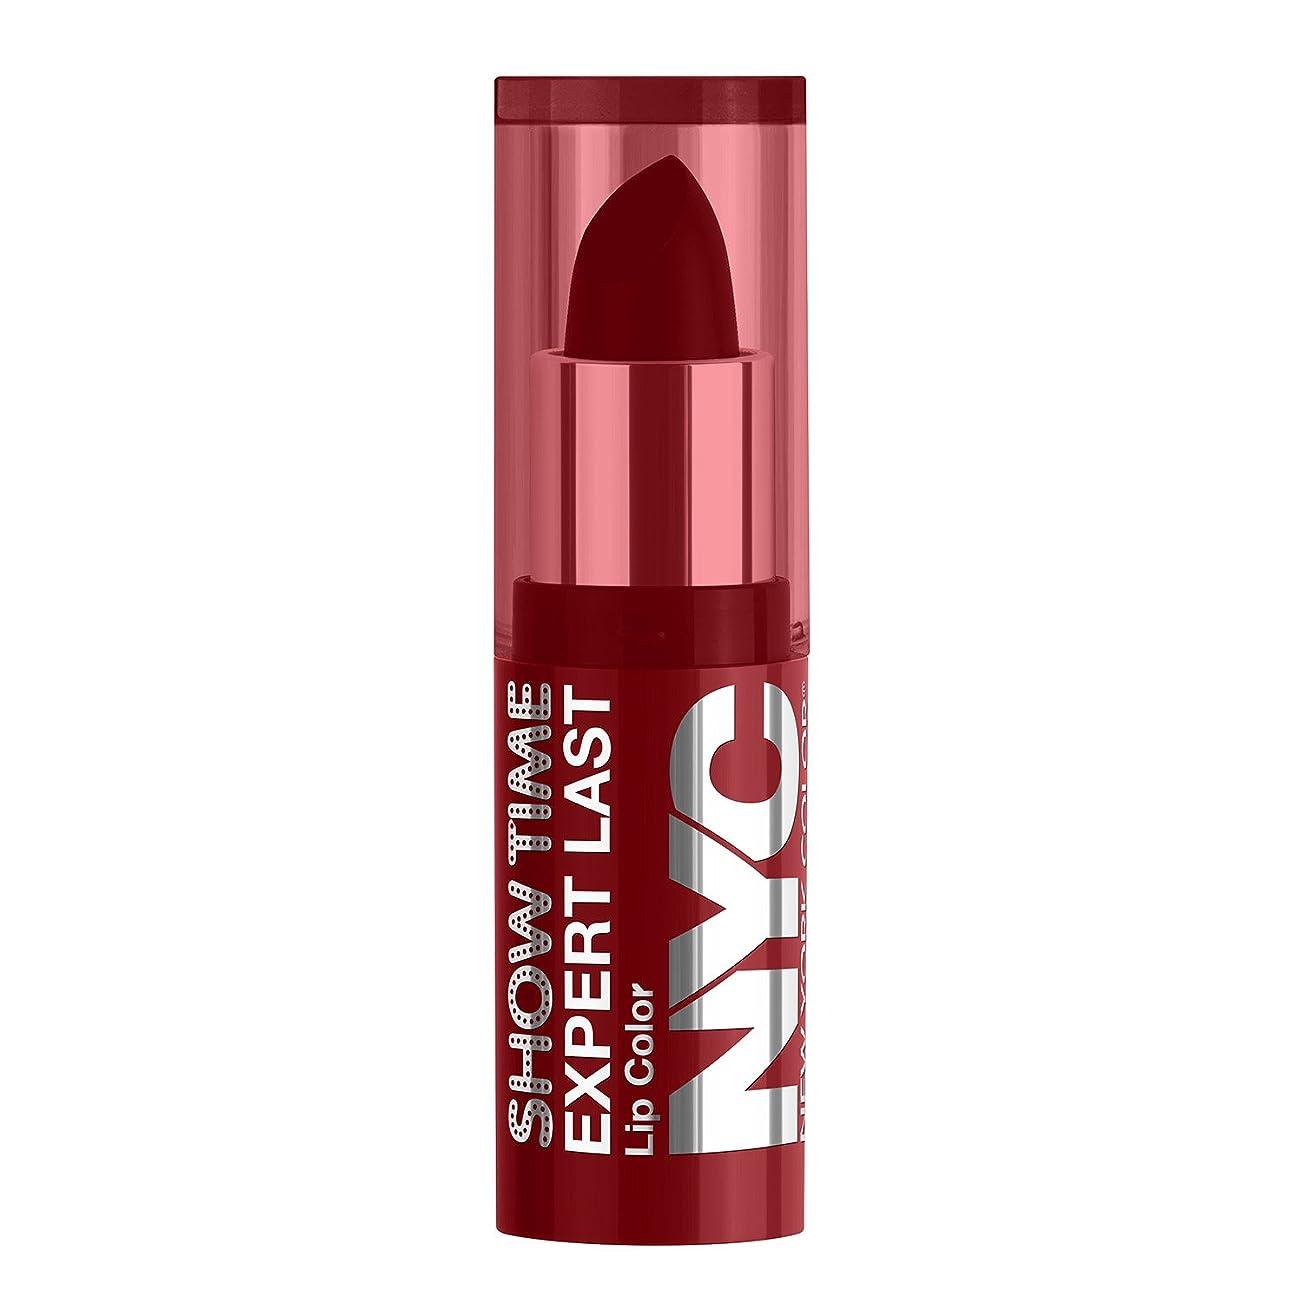 ファランクスかけるインレイNYC Expert Last Lip Color Matte - Red Suede (並行輸入品)